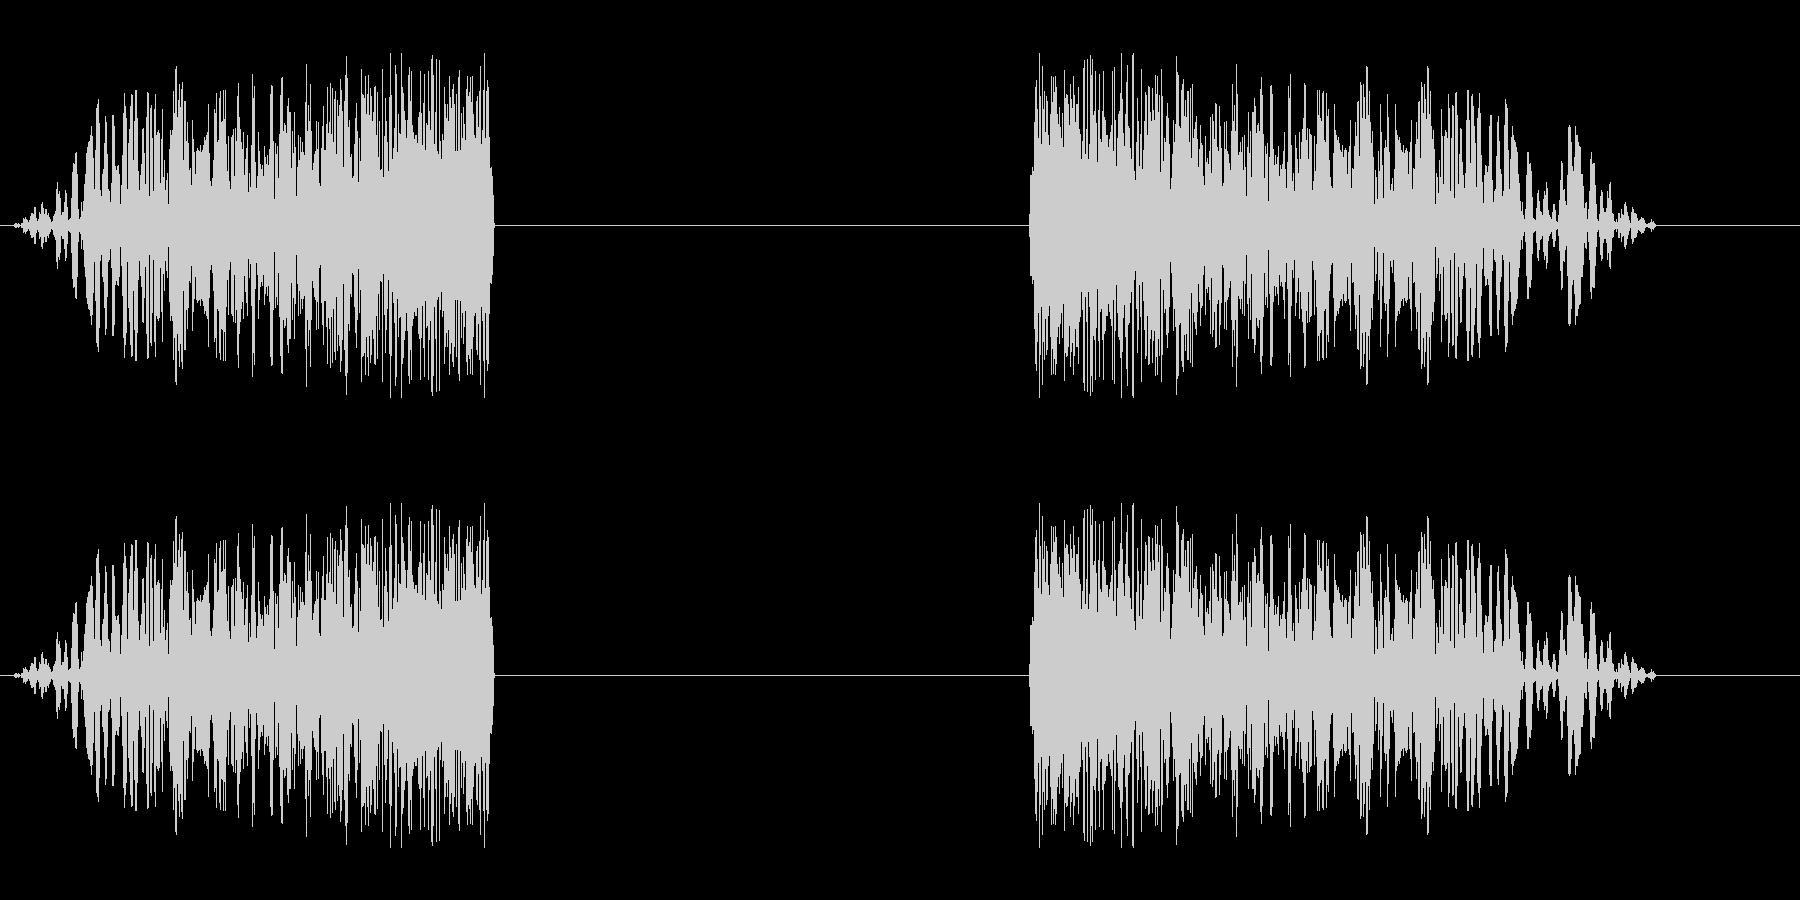 シュイビシューン(風の音)停止ありの未再生の波形